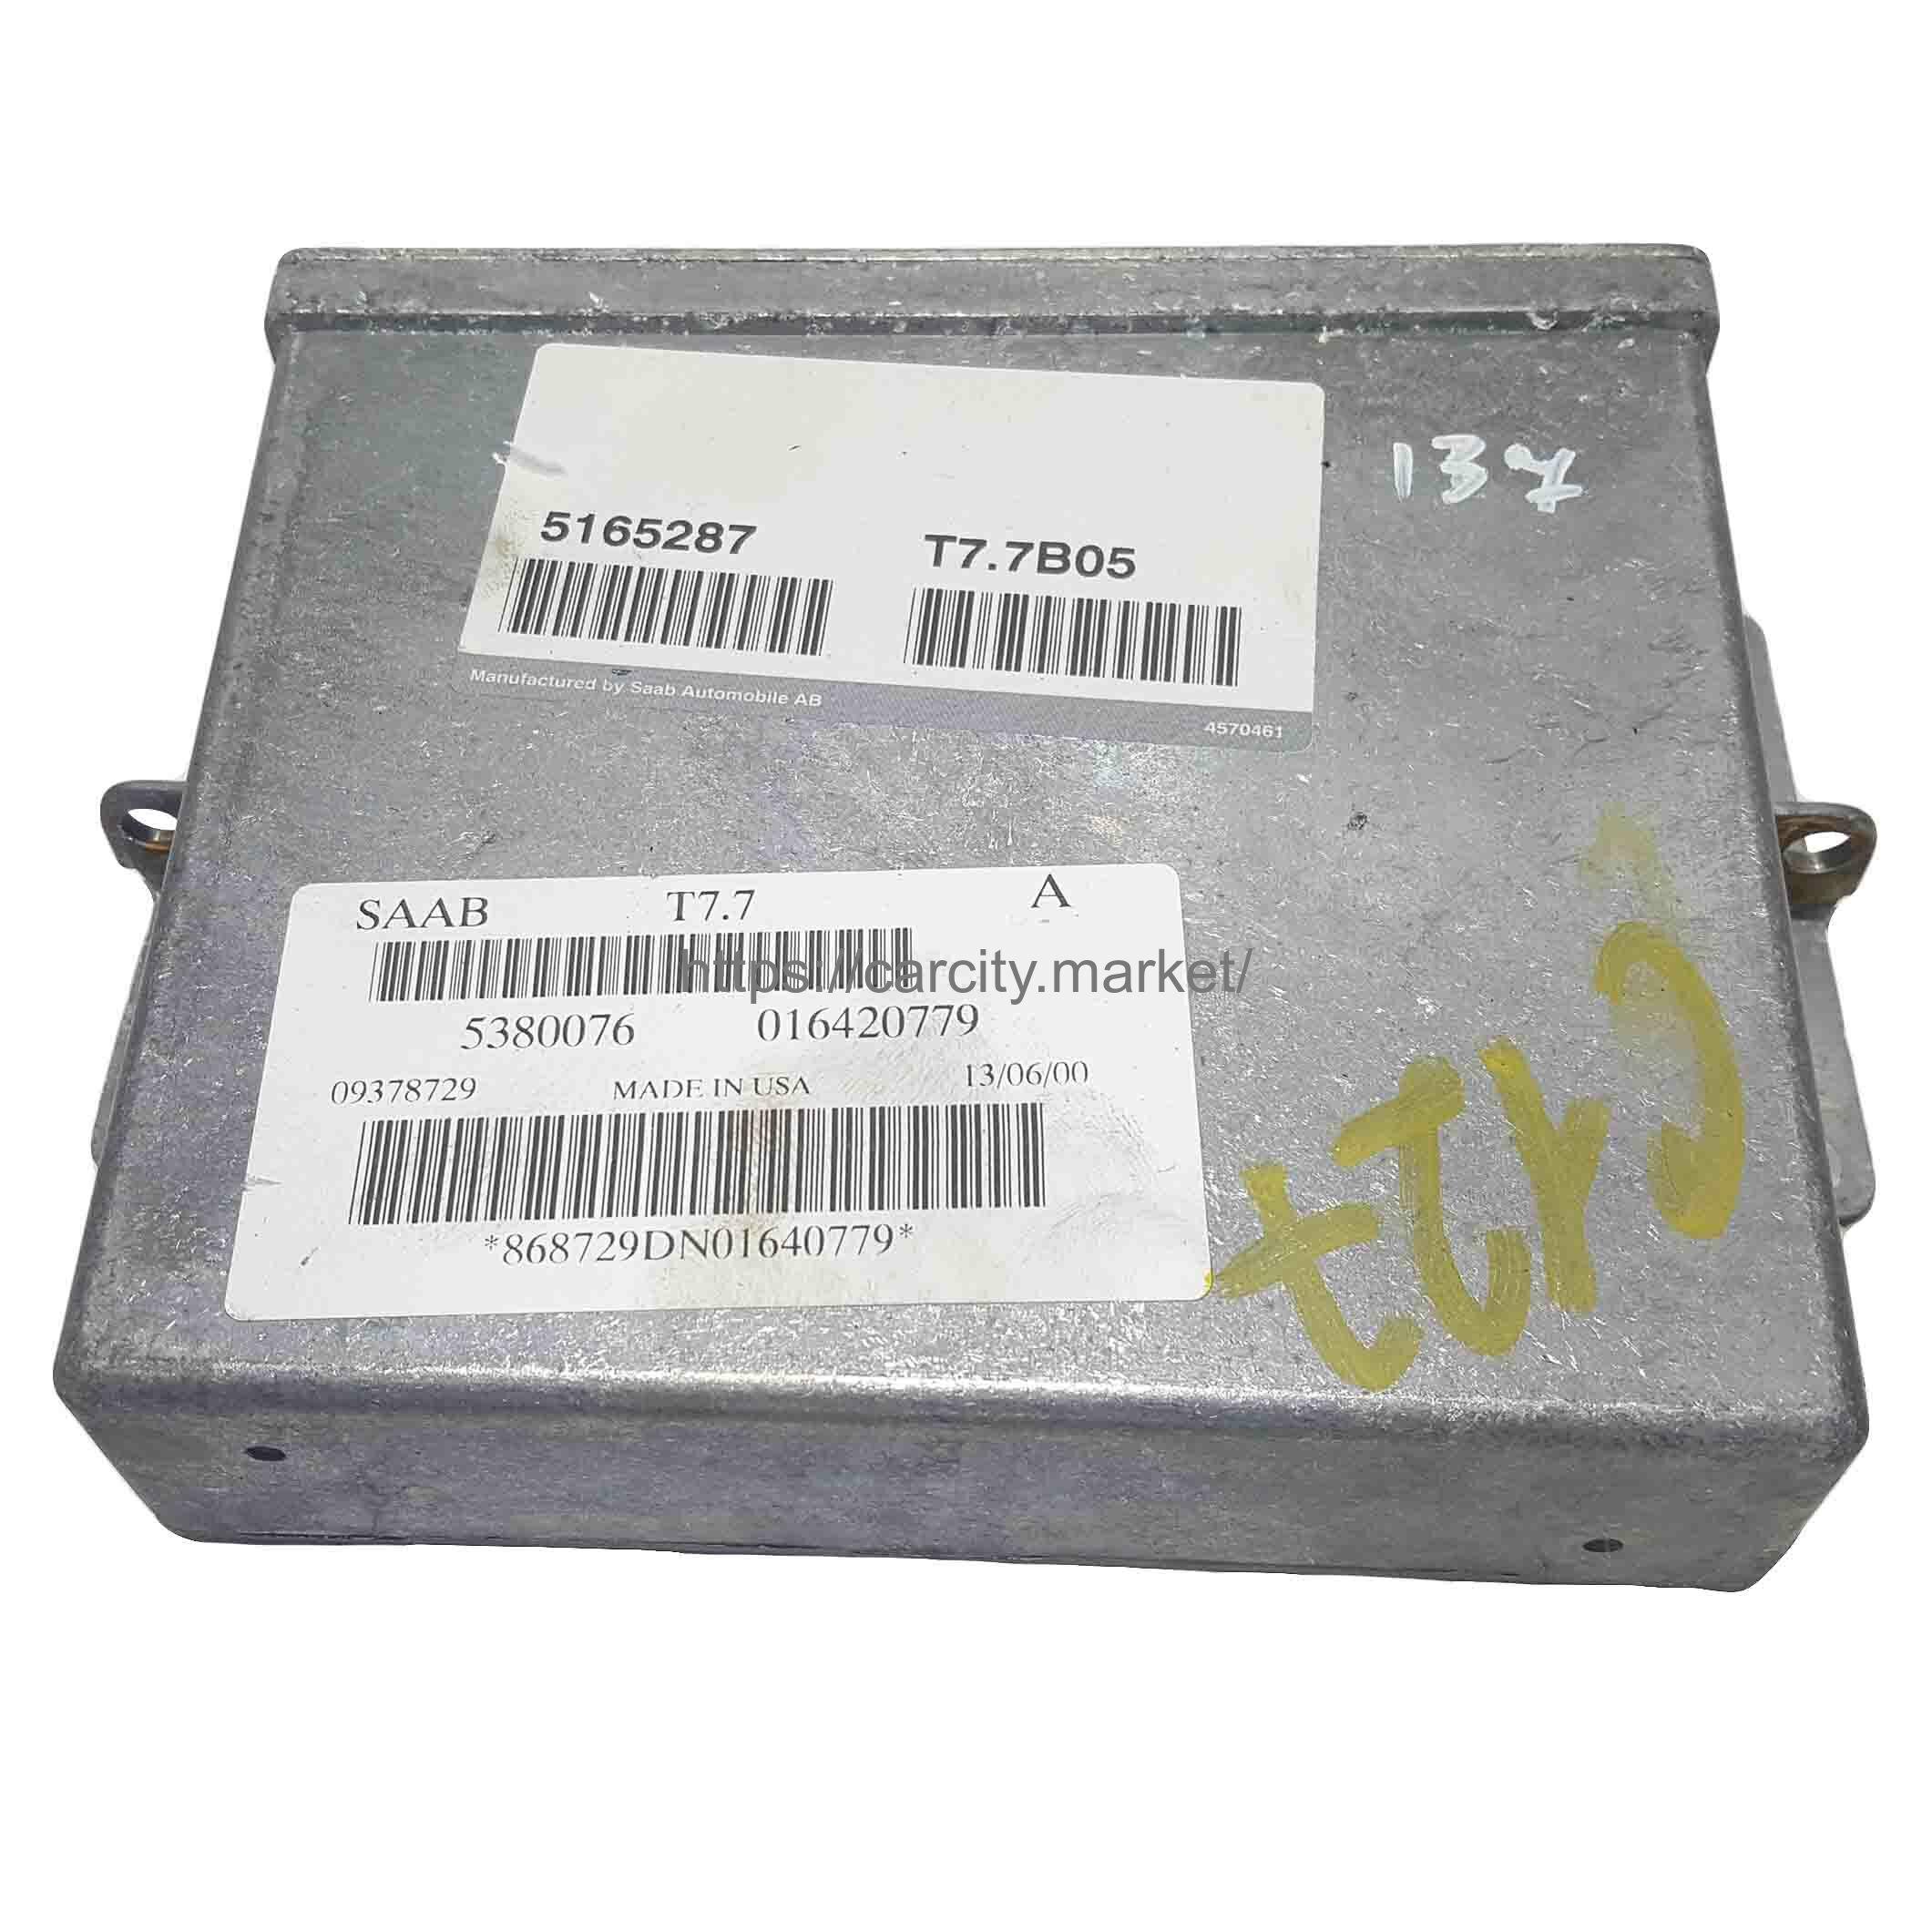 Электронный блок управления 5165287 SAAB 9-3 купить в Карсти Маркет